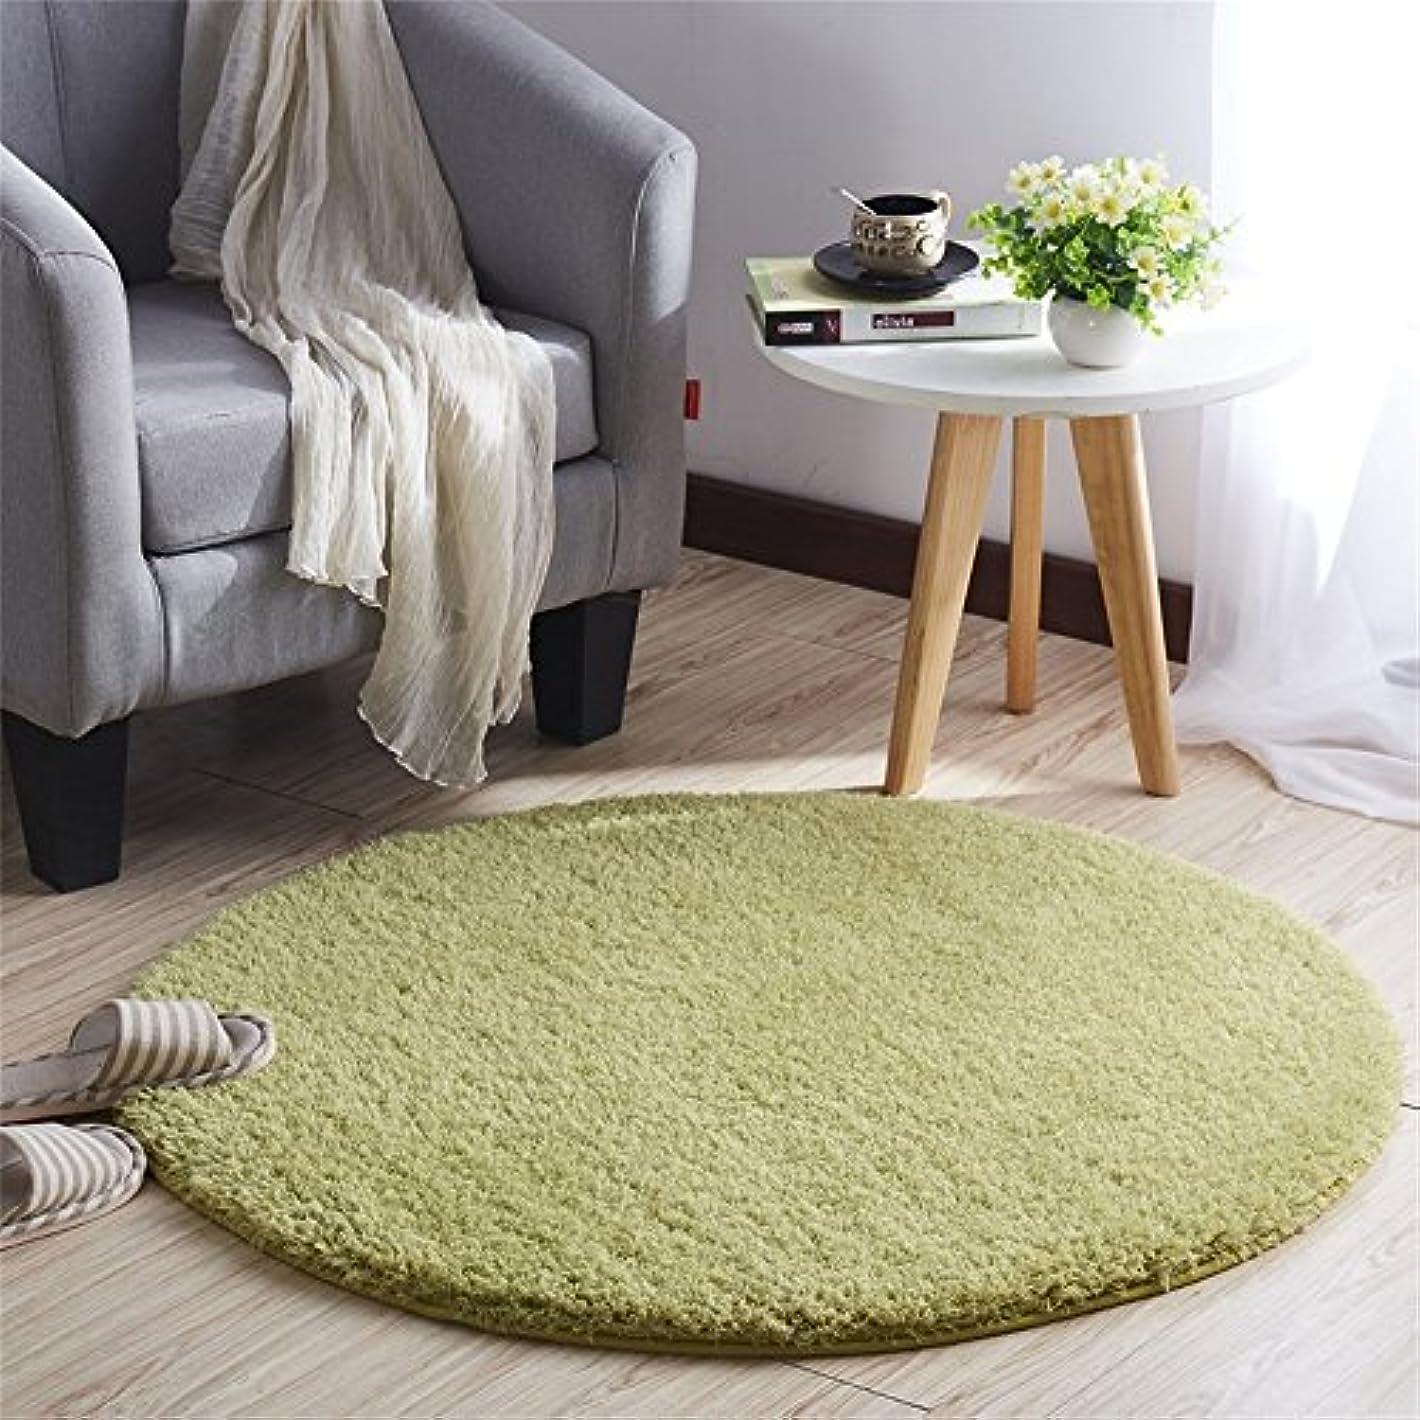 リルスキームオーケストラCLAXAM 一瞬だけでとろけそう~!ラブリーシャギーラグ 丸い絨毯 極上の繊細さと柔らかさ、サラサラな質感で、あなたの欠かせない家飾りの味方 (80cm, グラスグリーン)